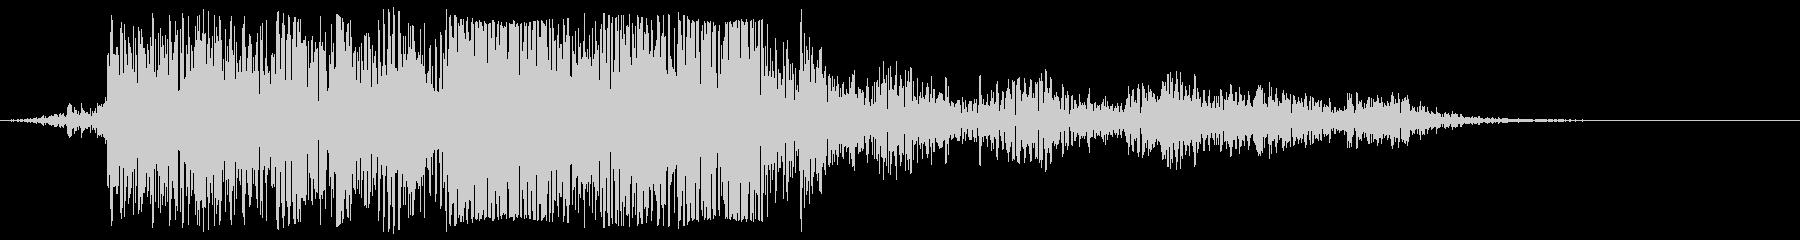 ラティリーメタルトレイスピン、フォリーの未再生の波形